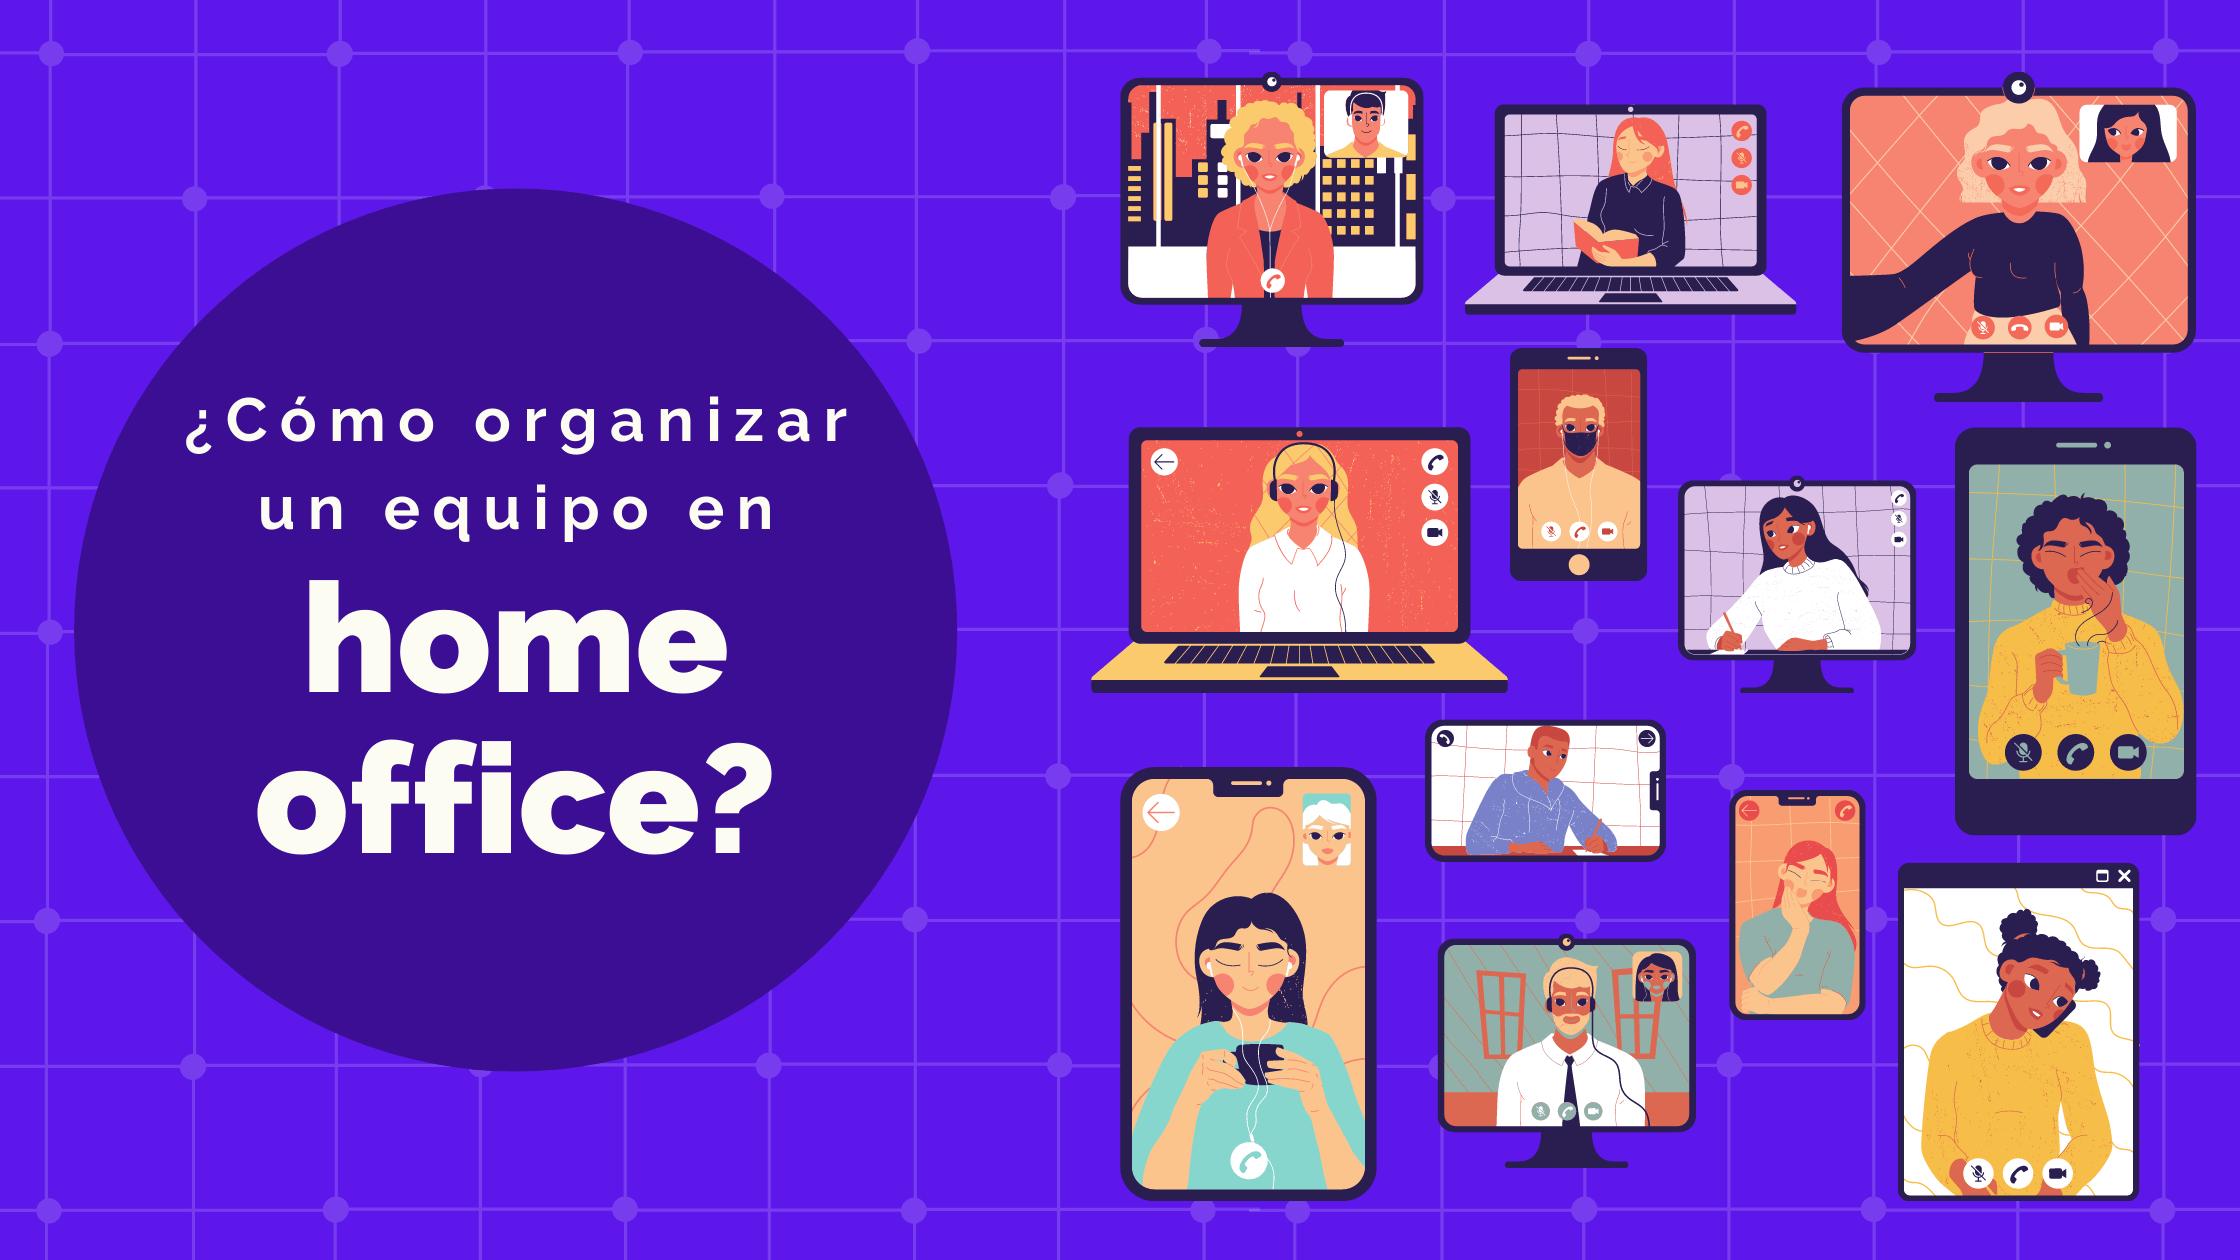 ¿Cómo organizar un equipo en home office?